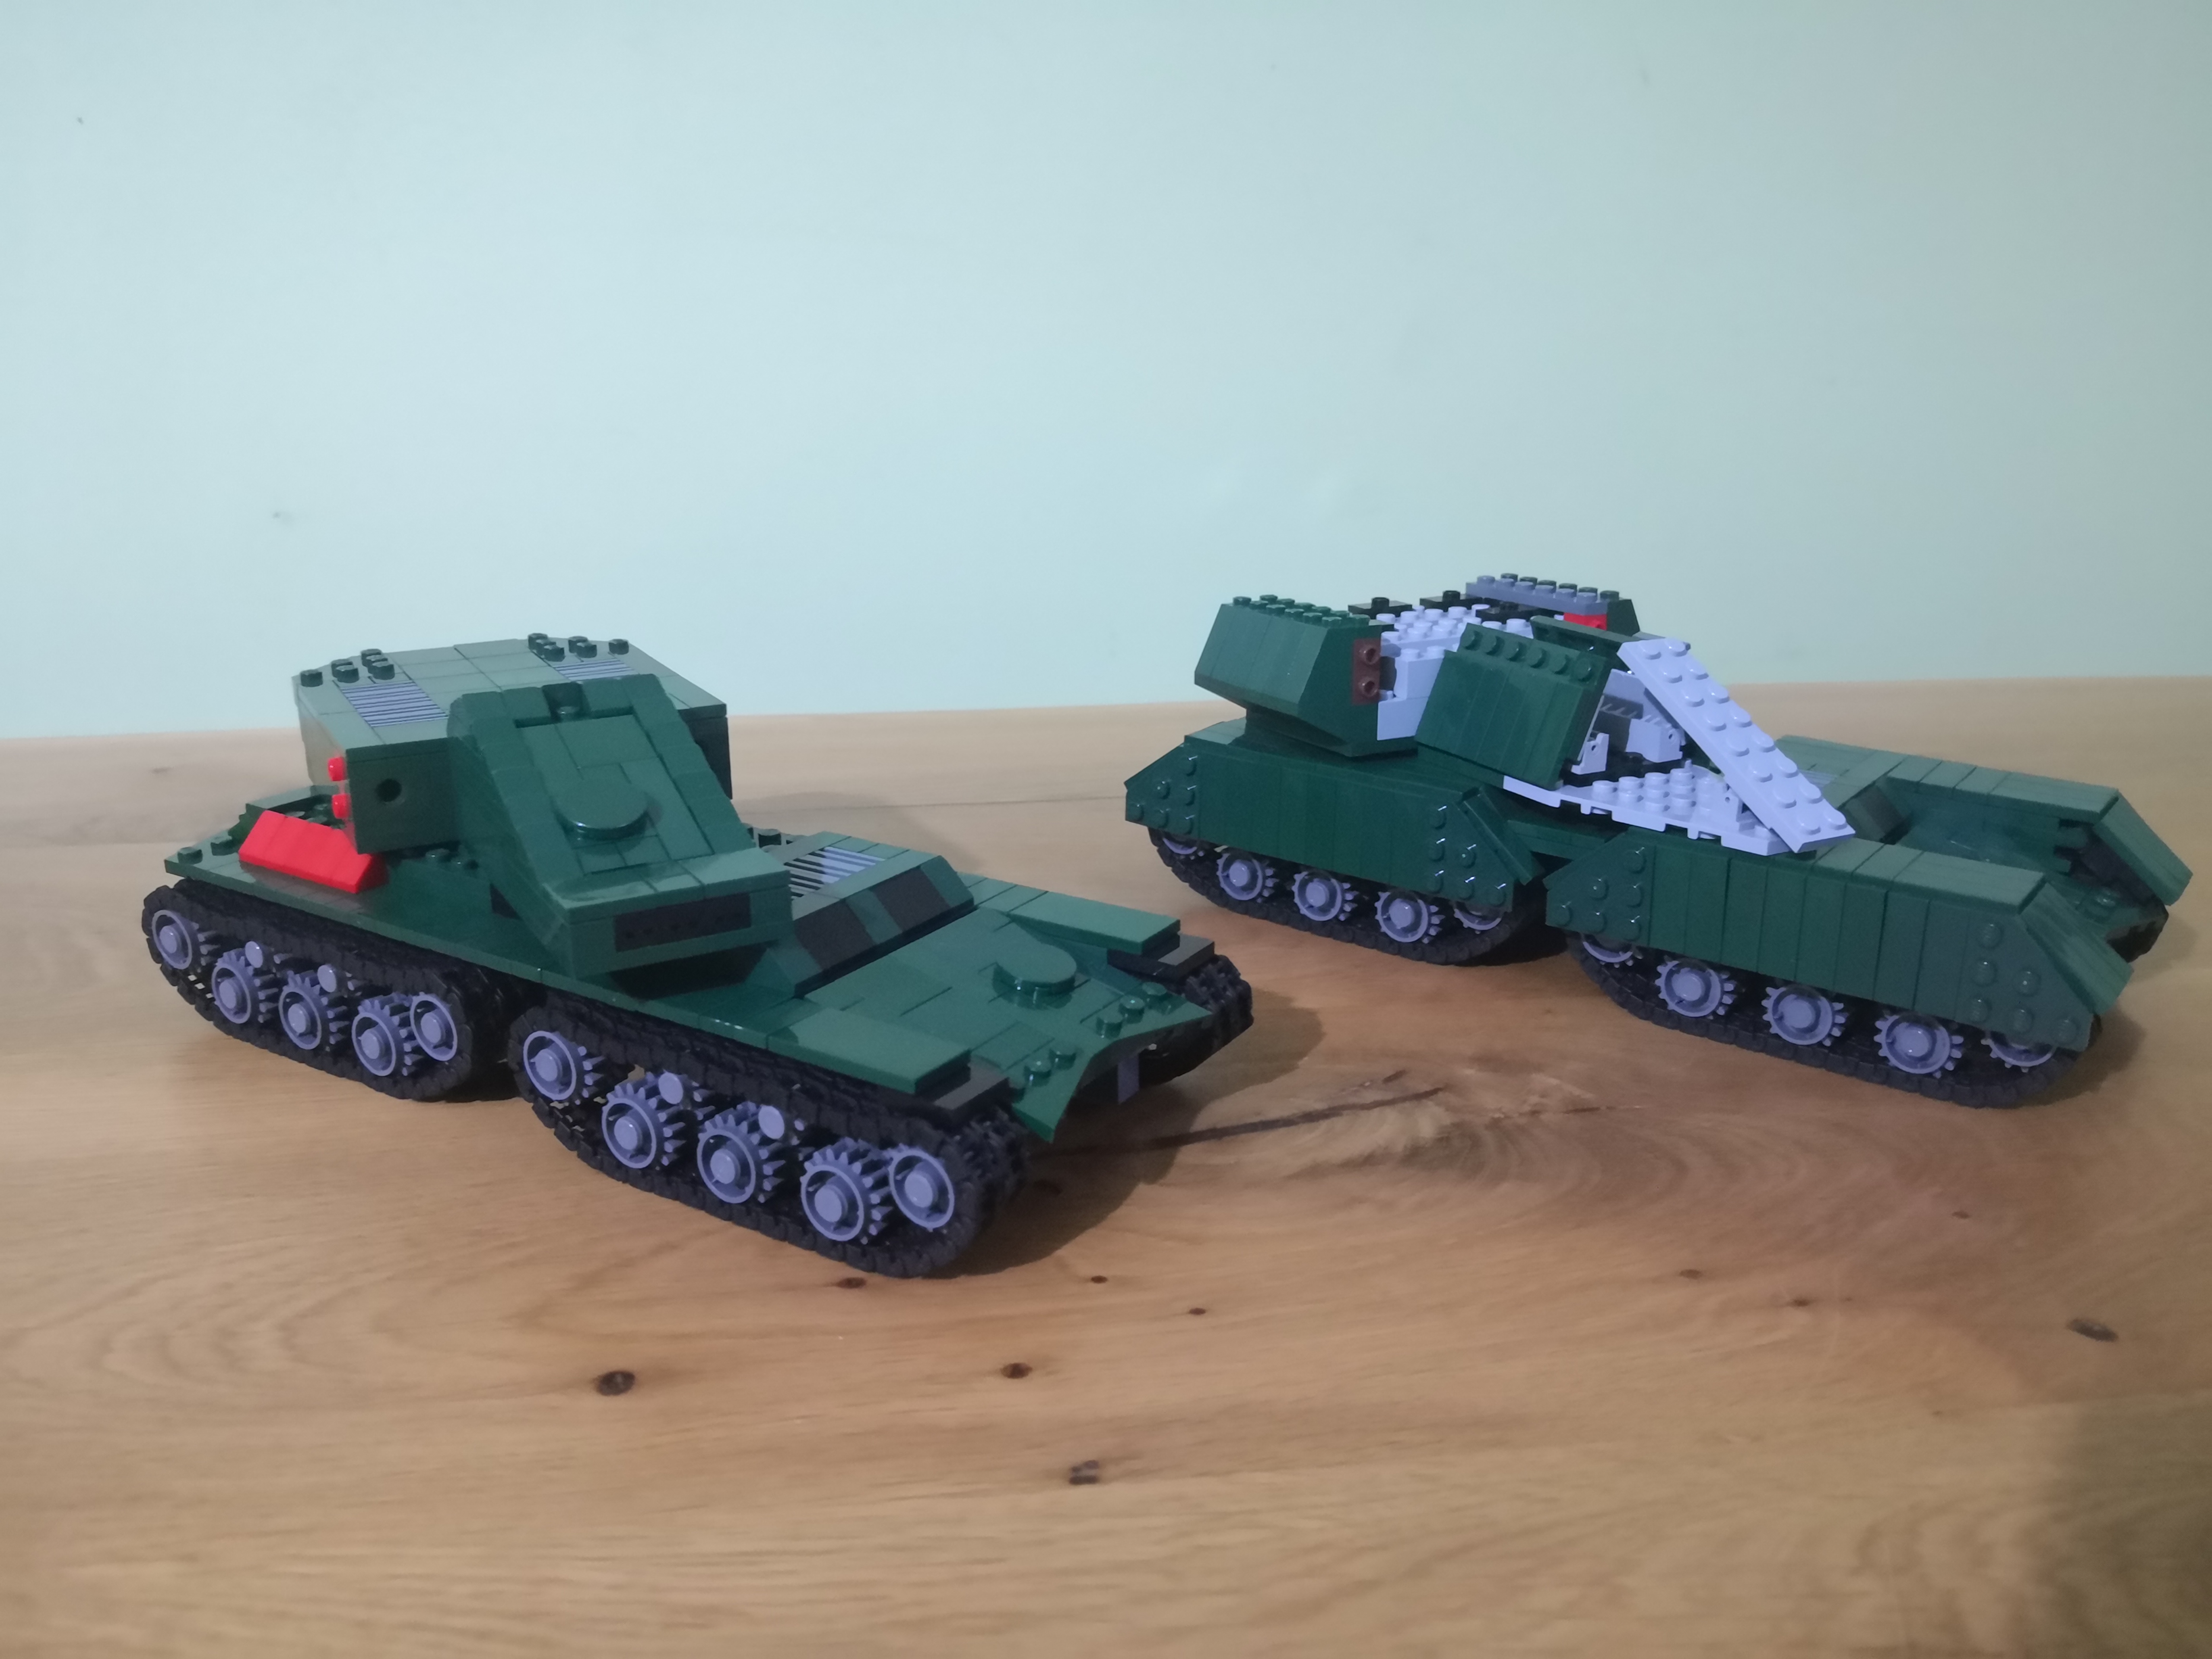 overlords_tanks_in_progress_6.jpg